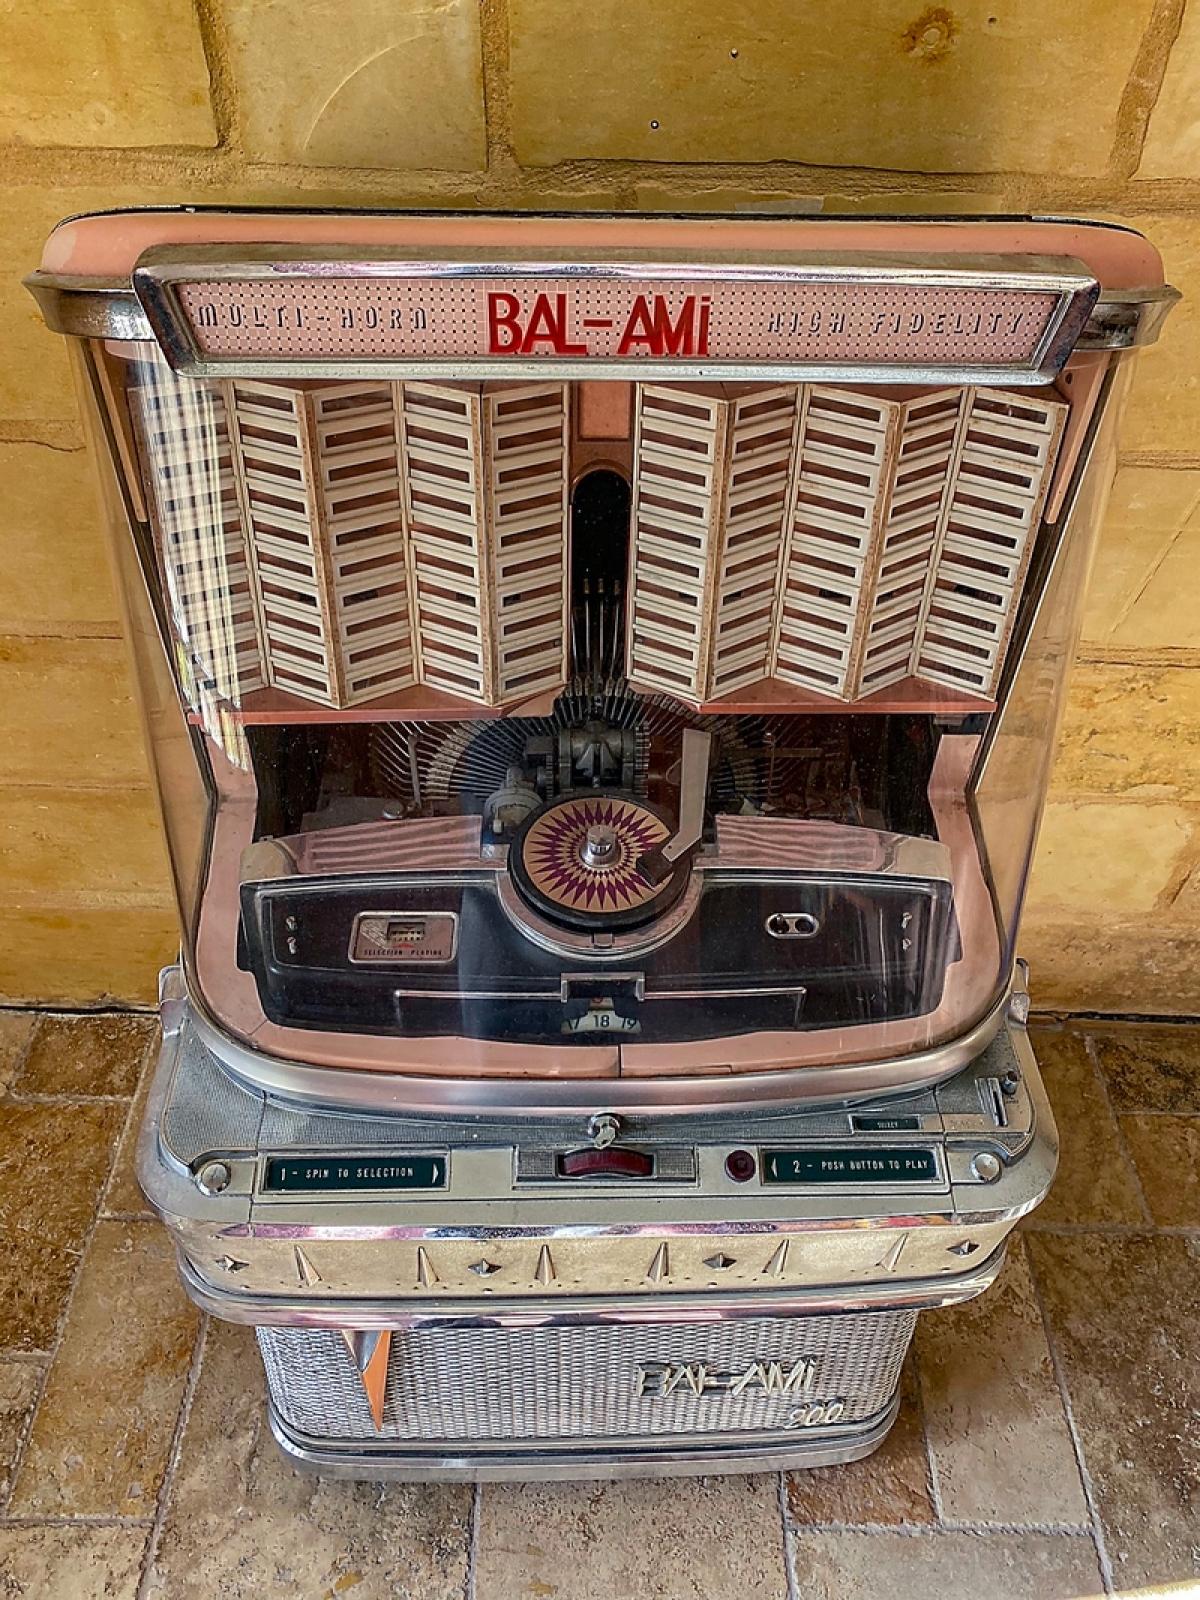 I200M 1352 Malta